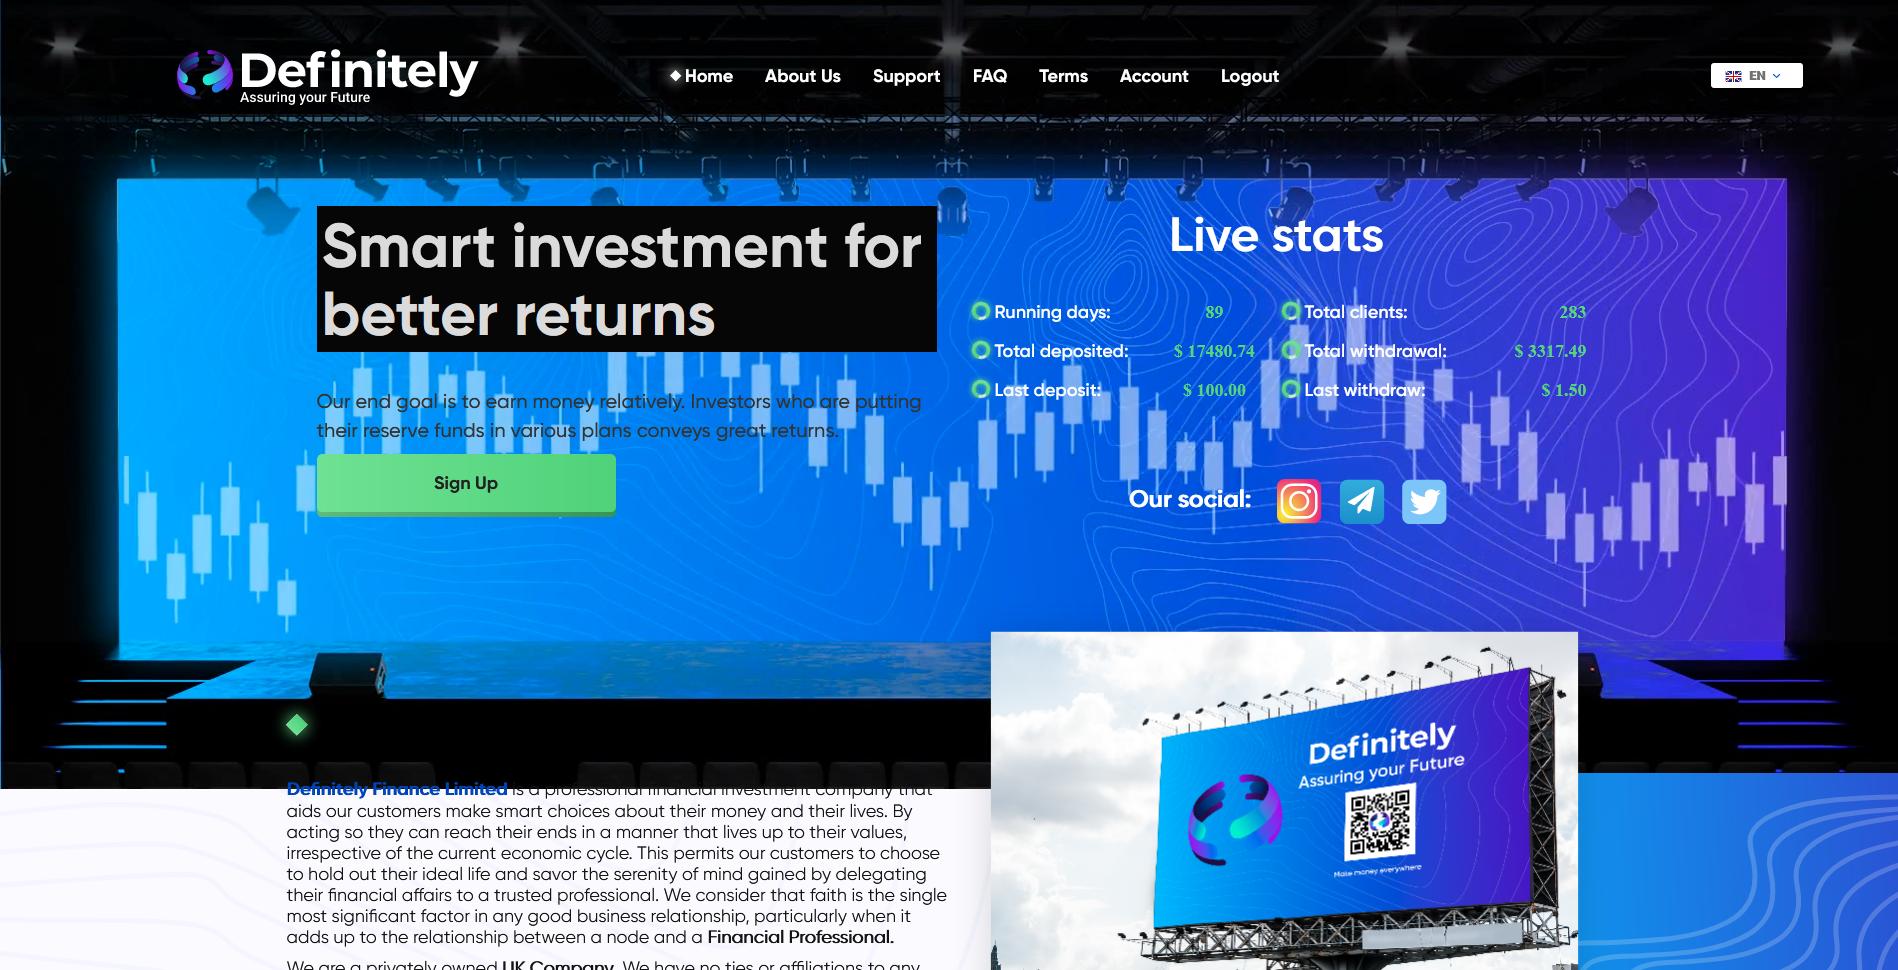 DEFINITELYFINANCE - definitelyfinance.com